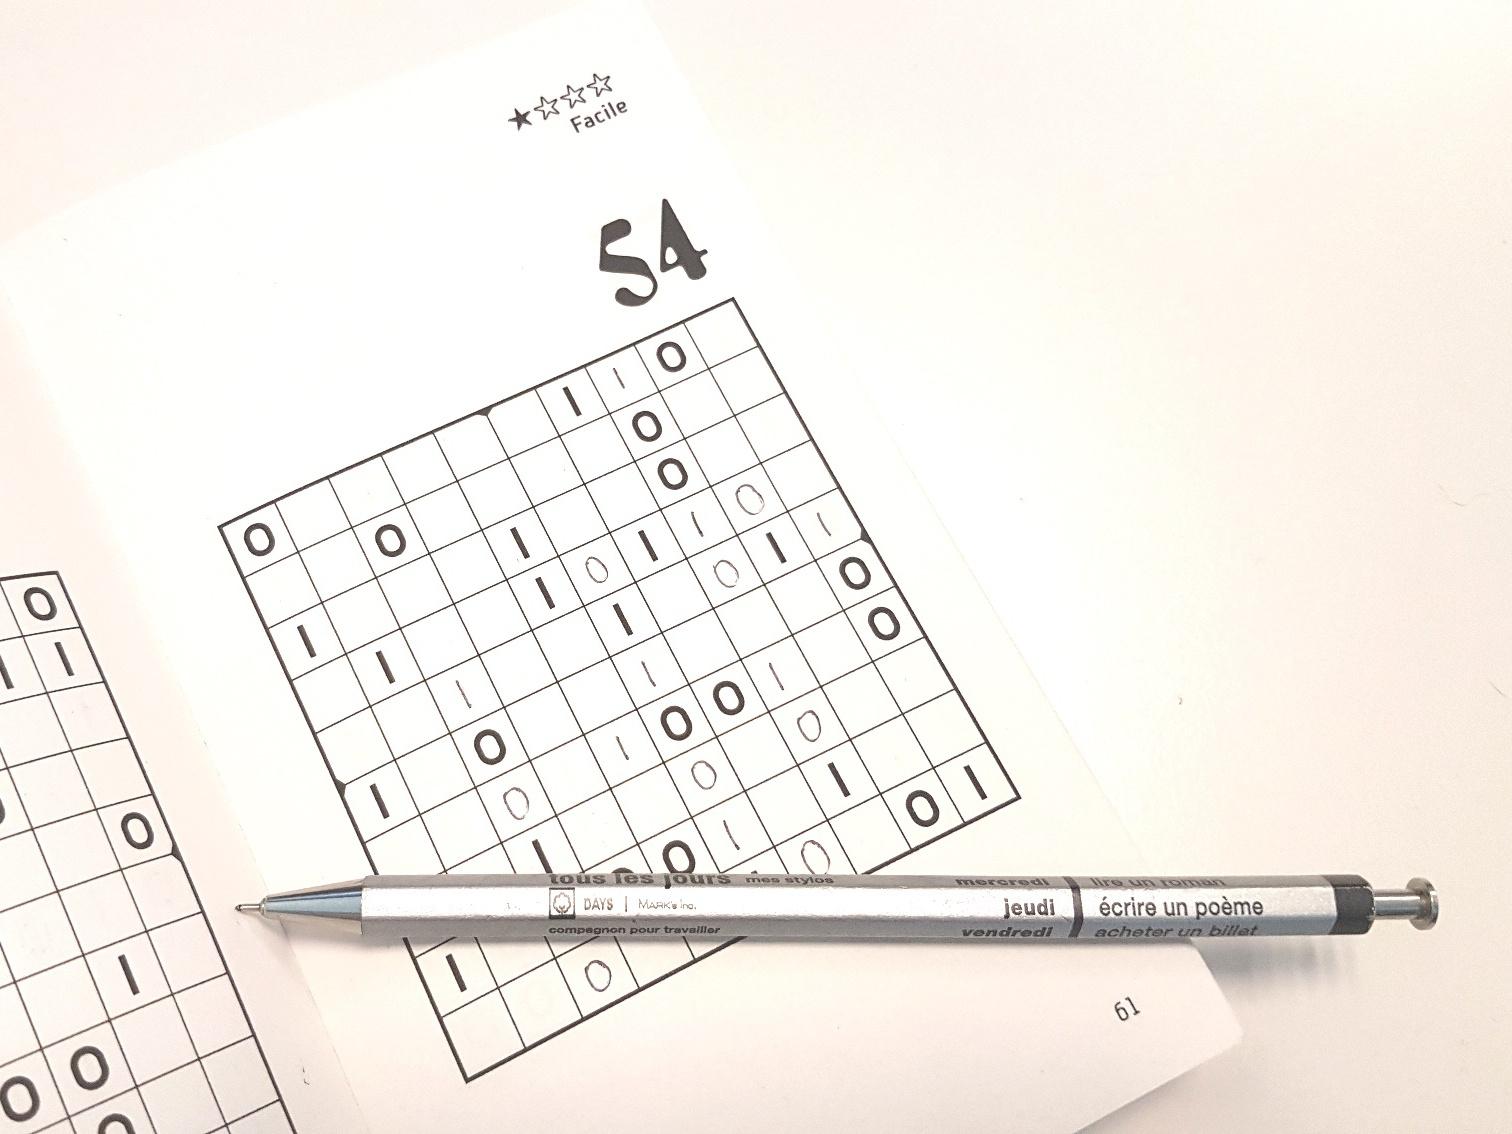 Binairo, Le Jeu Pour Les Accros Des Chiffres - Biba Magazine tout Sudoku Gratuit En Ligne Facile